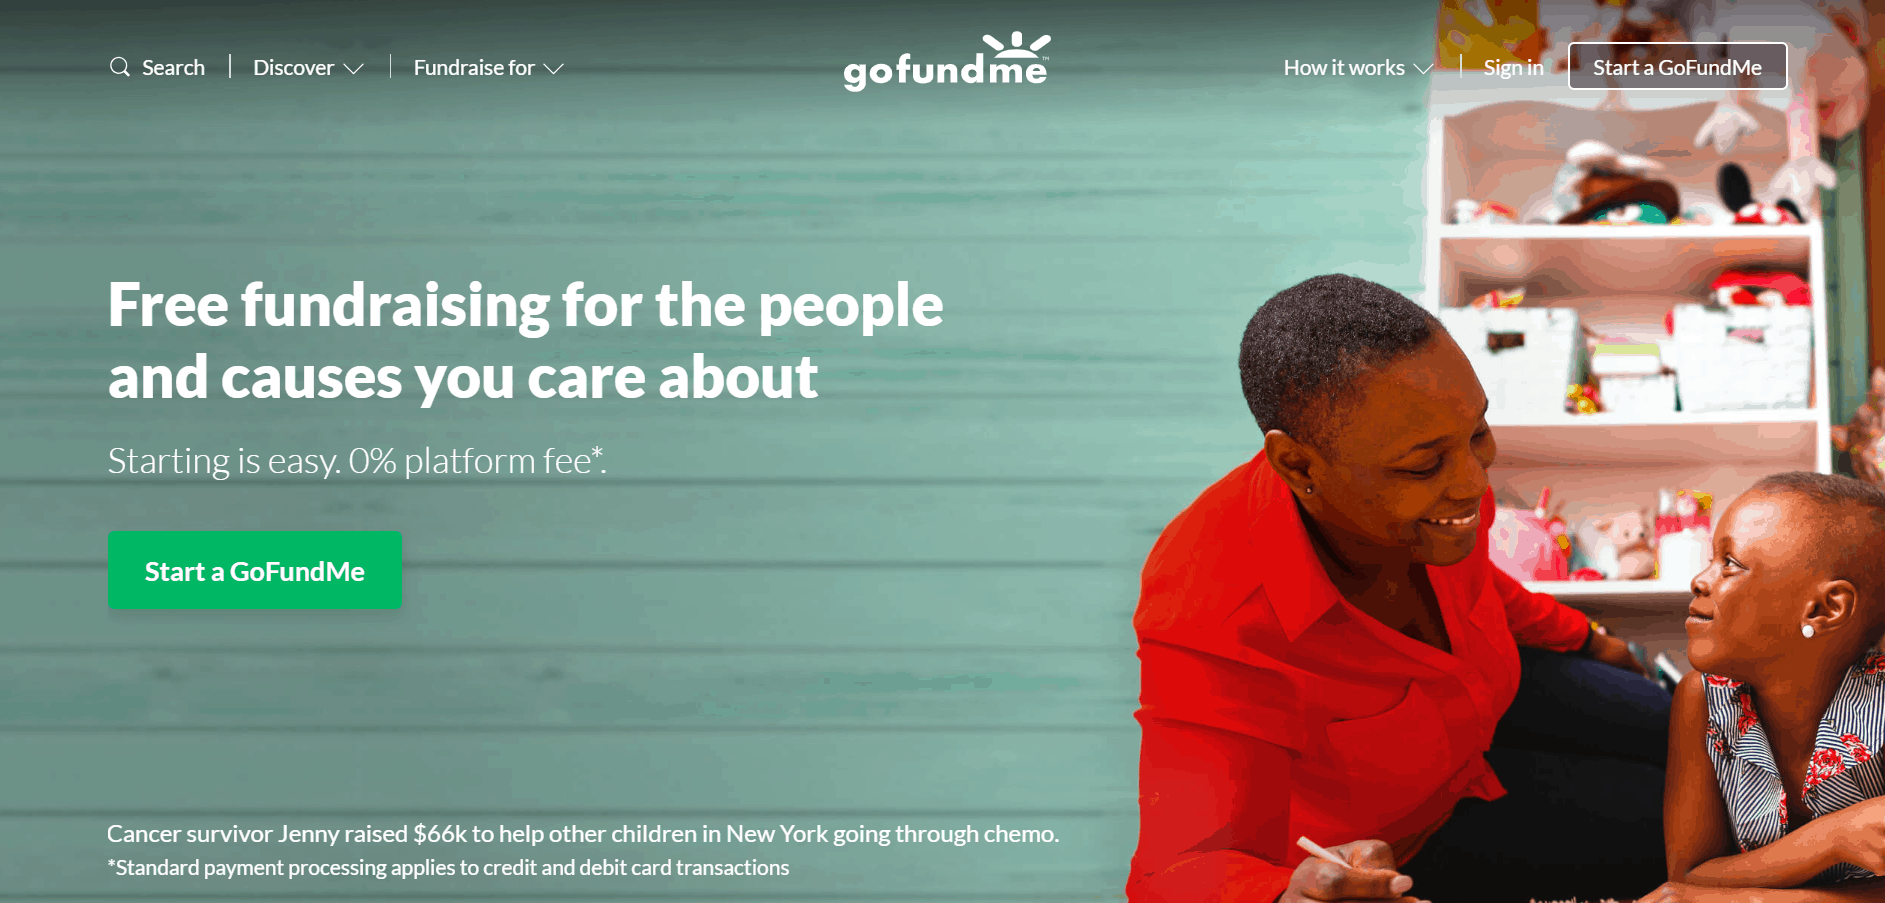 gofundme-fundraising-travel-free